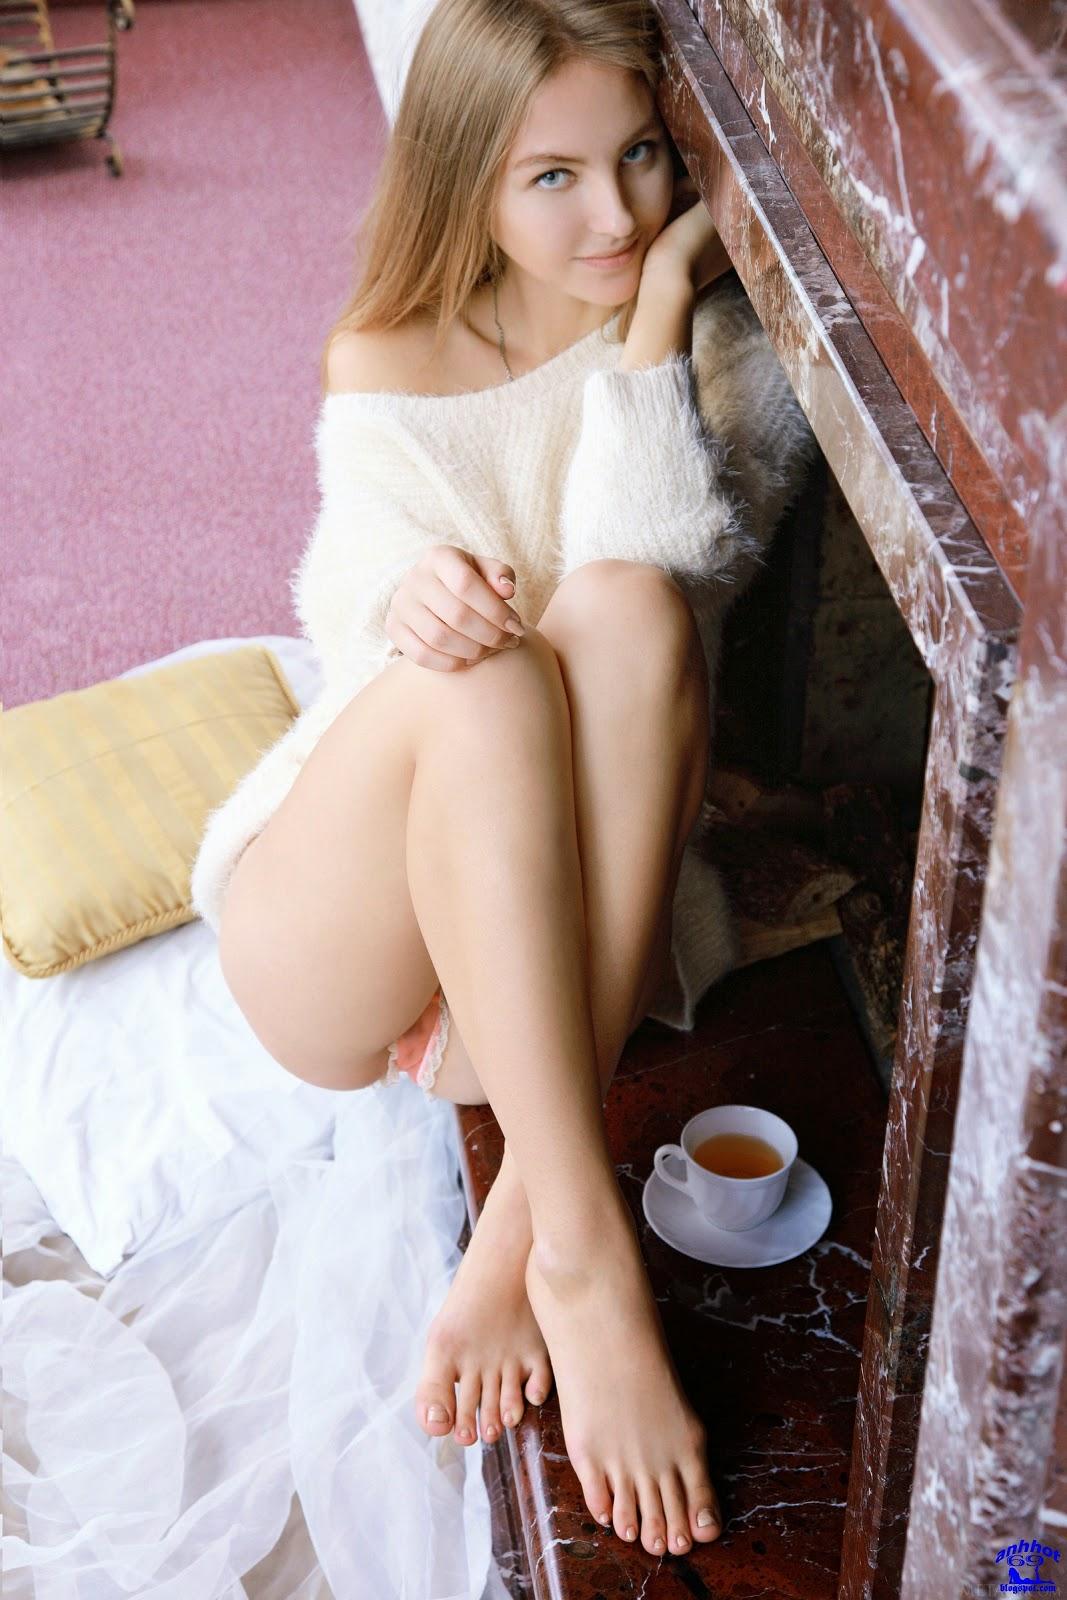 [Sugar Girl-1501030115] - Izabel A - Mĩ nữ bên lò sưởi!